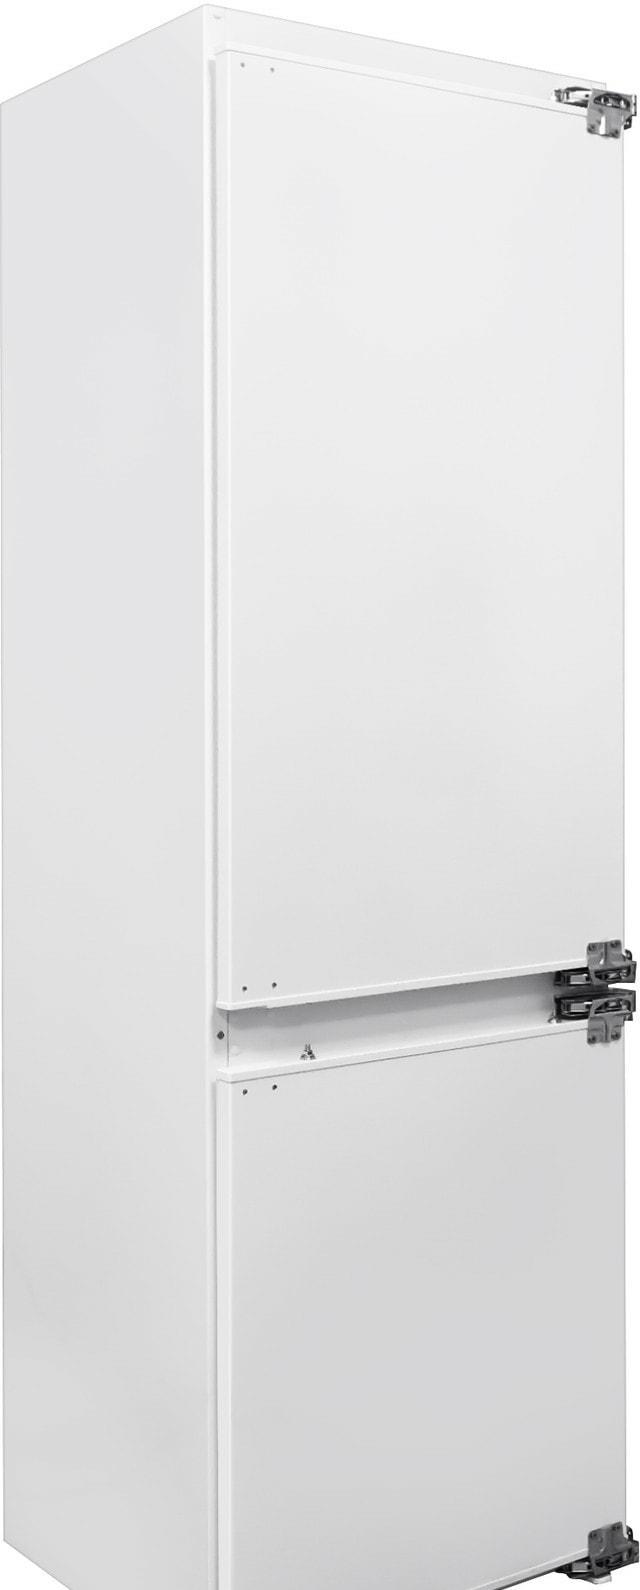 Холодильник Exiteq EXR-202